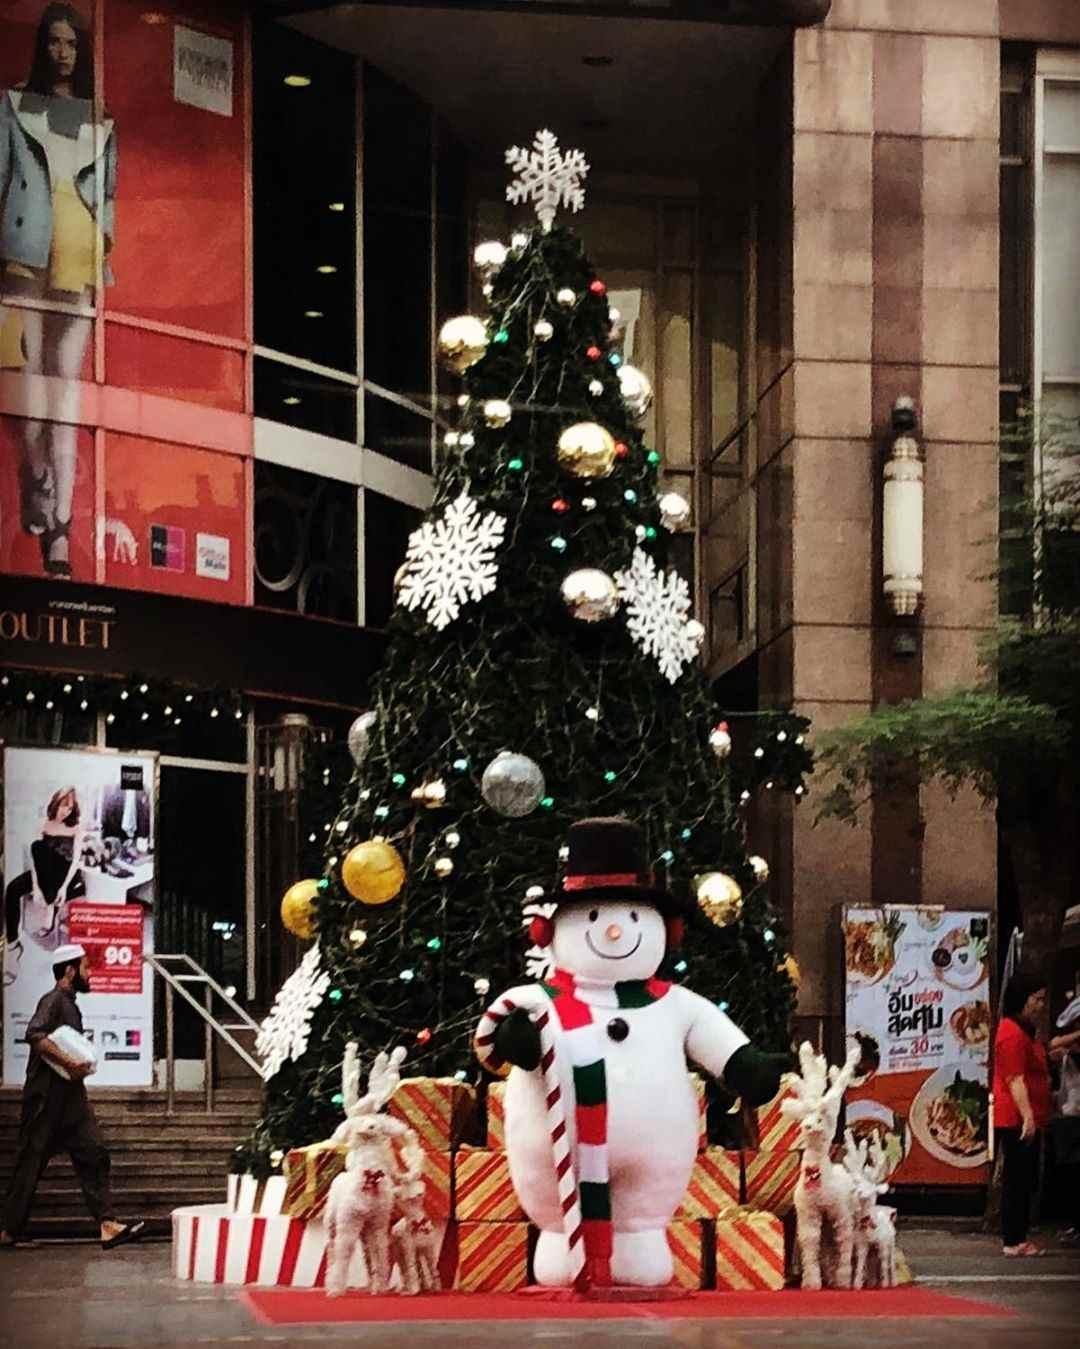 Kerstboom met opblaas sneeuwpop